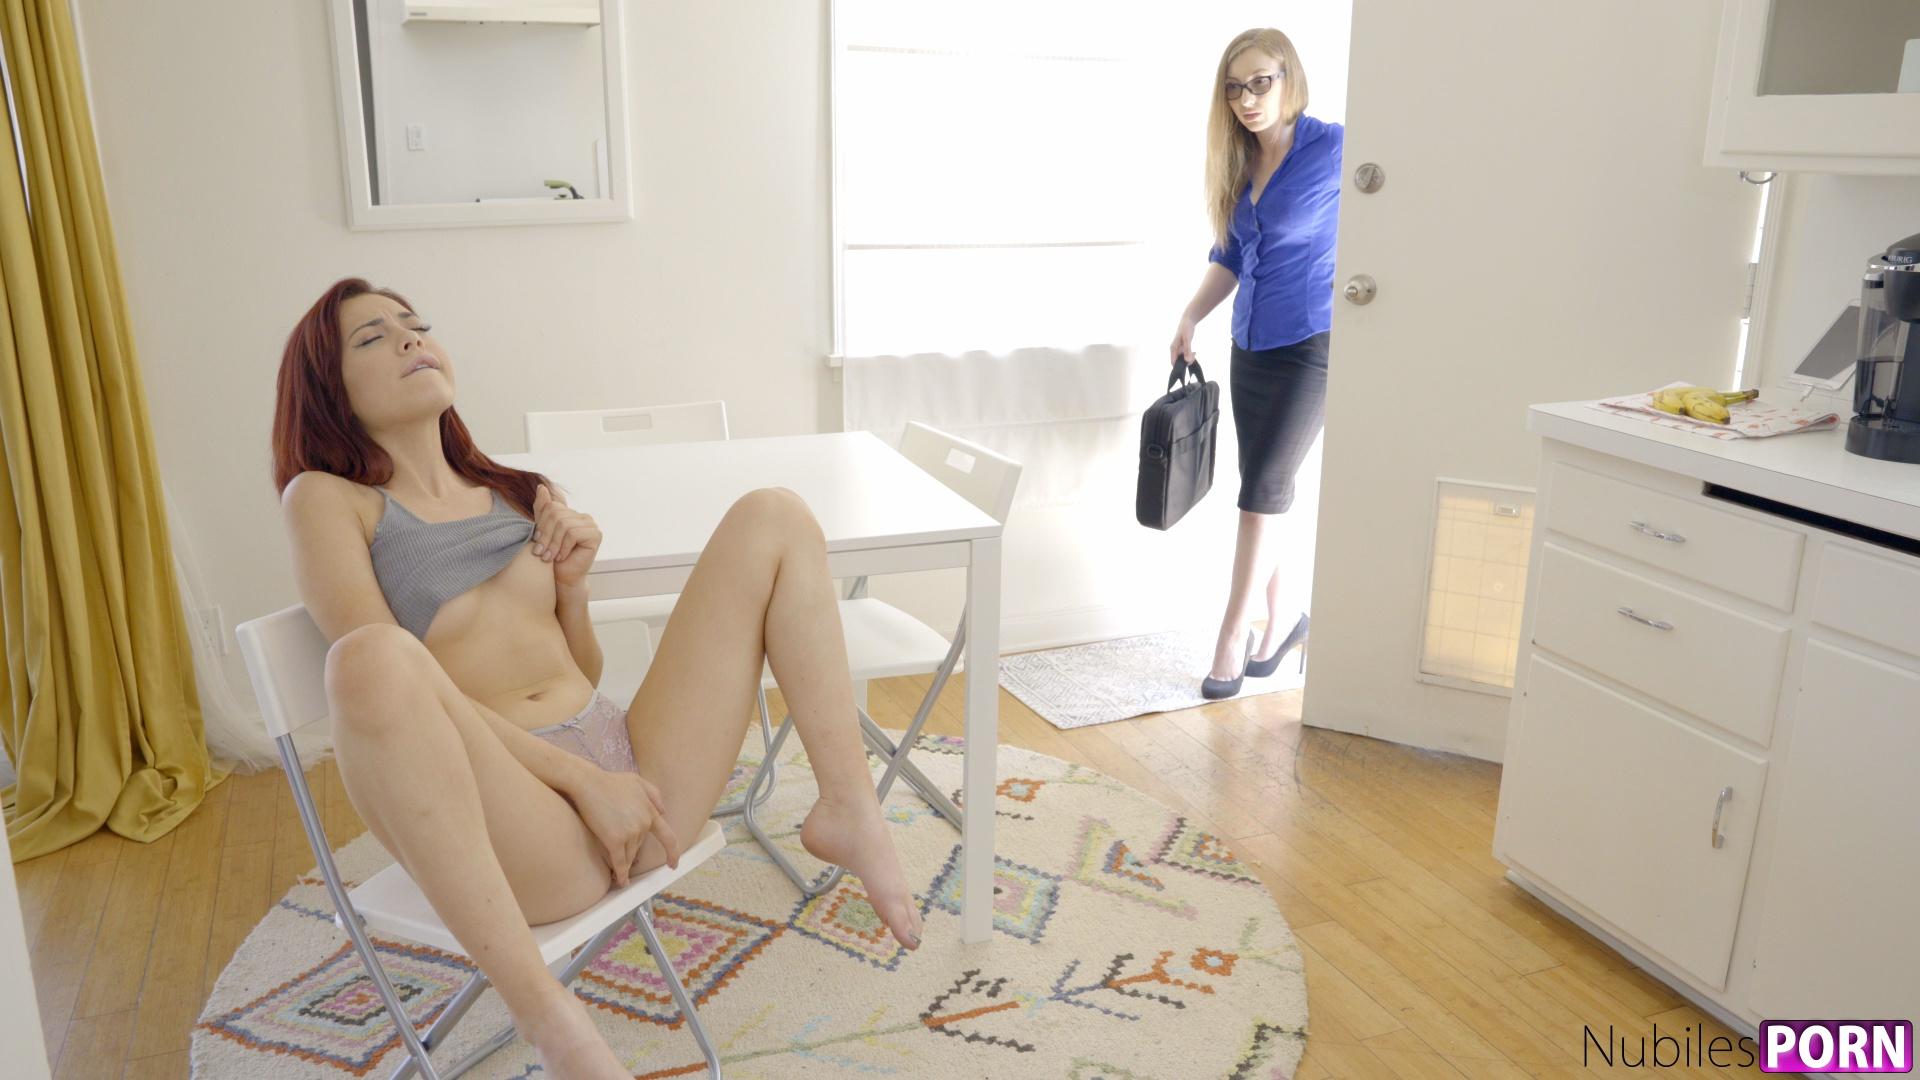 Nubiles-Porn.com - Gracie Green,Sabina Rouge: Little Lesbians - S13:E1